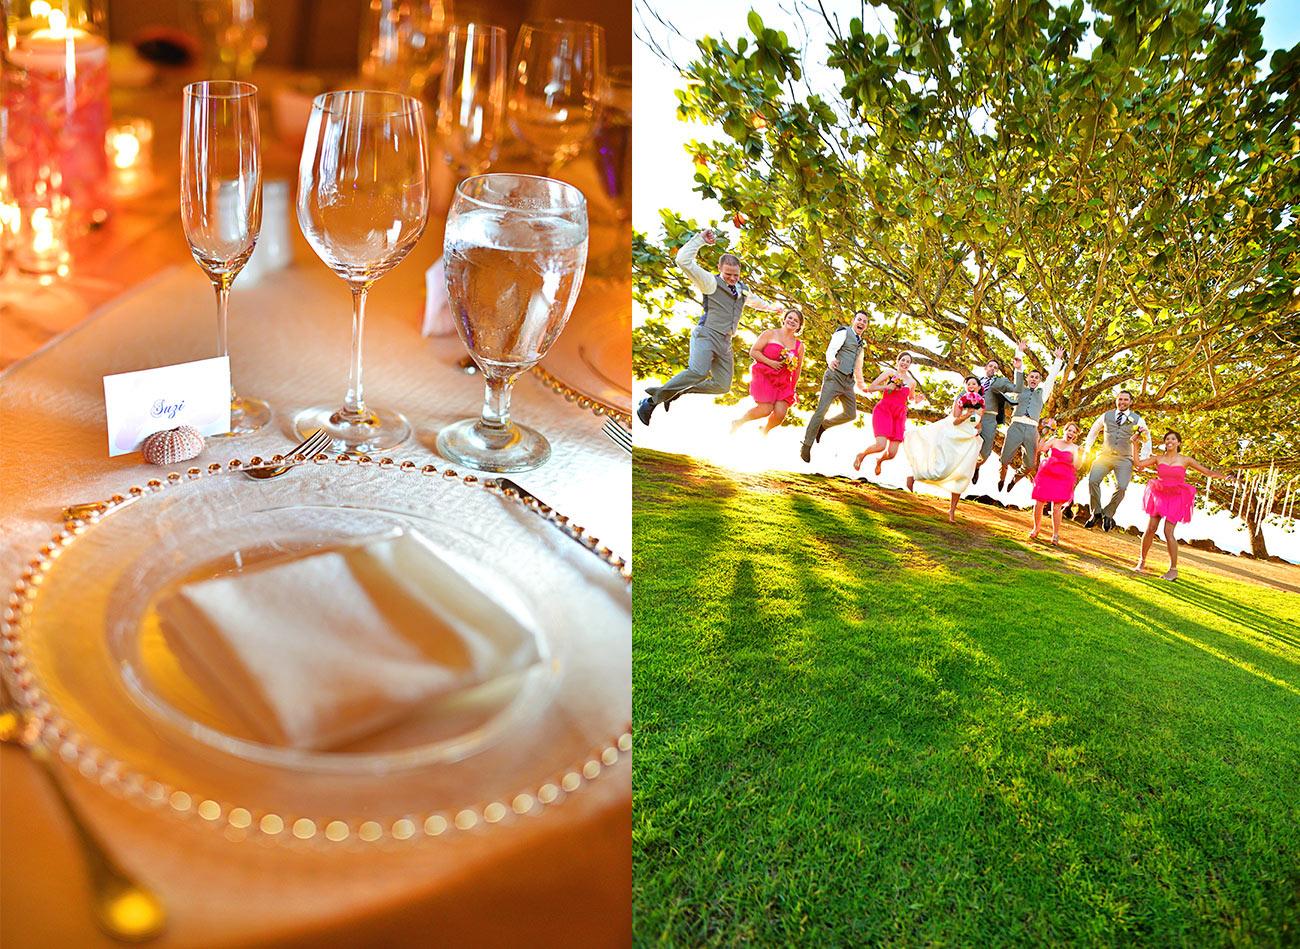 Kauai-Island-Hawaii-wedding-photo.jpg